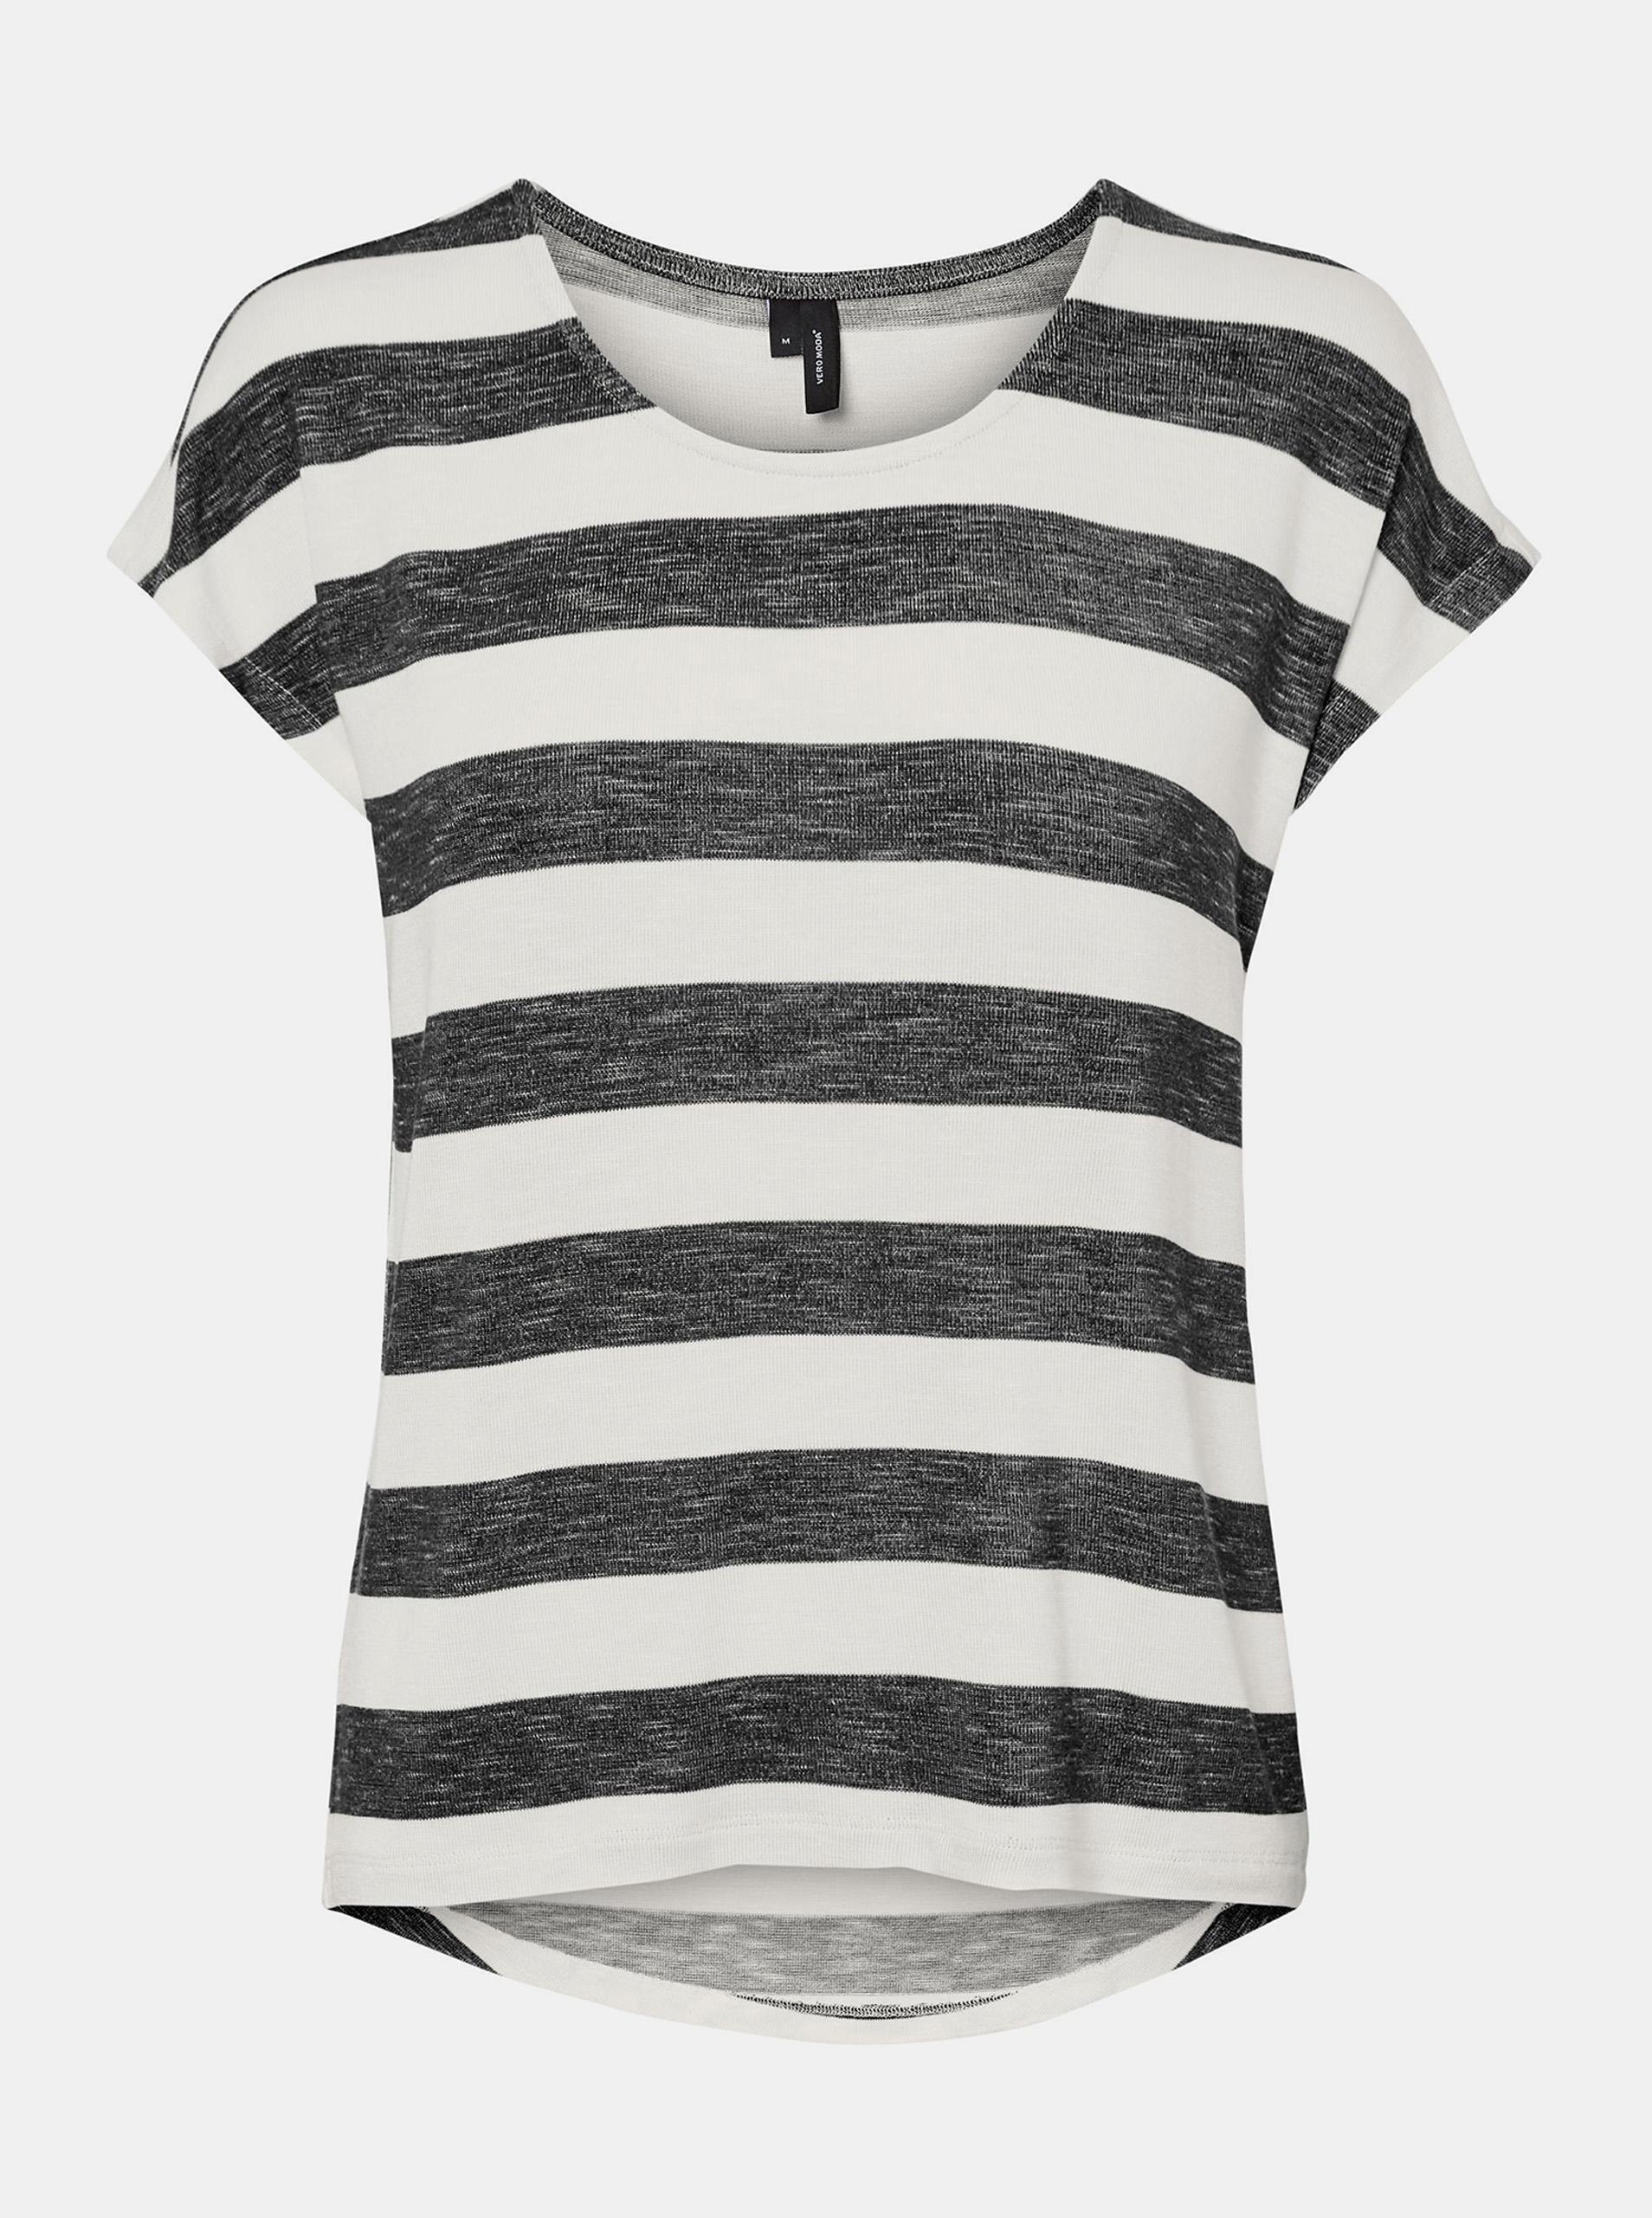 Vero Moda negre in dungi tricou Wide Stripe